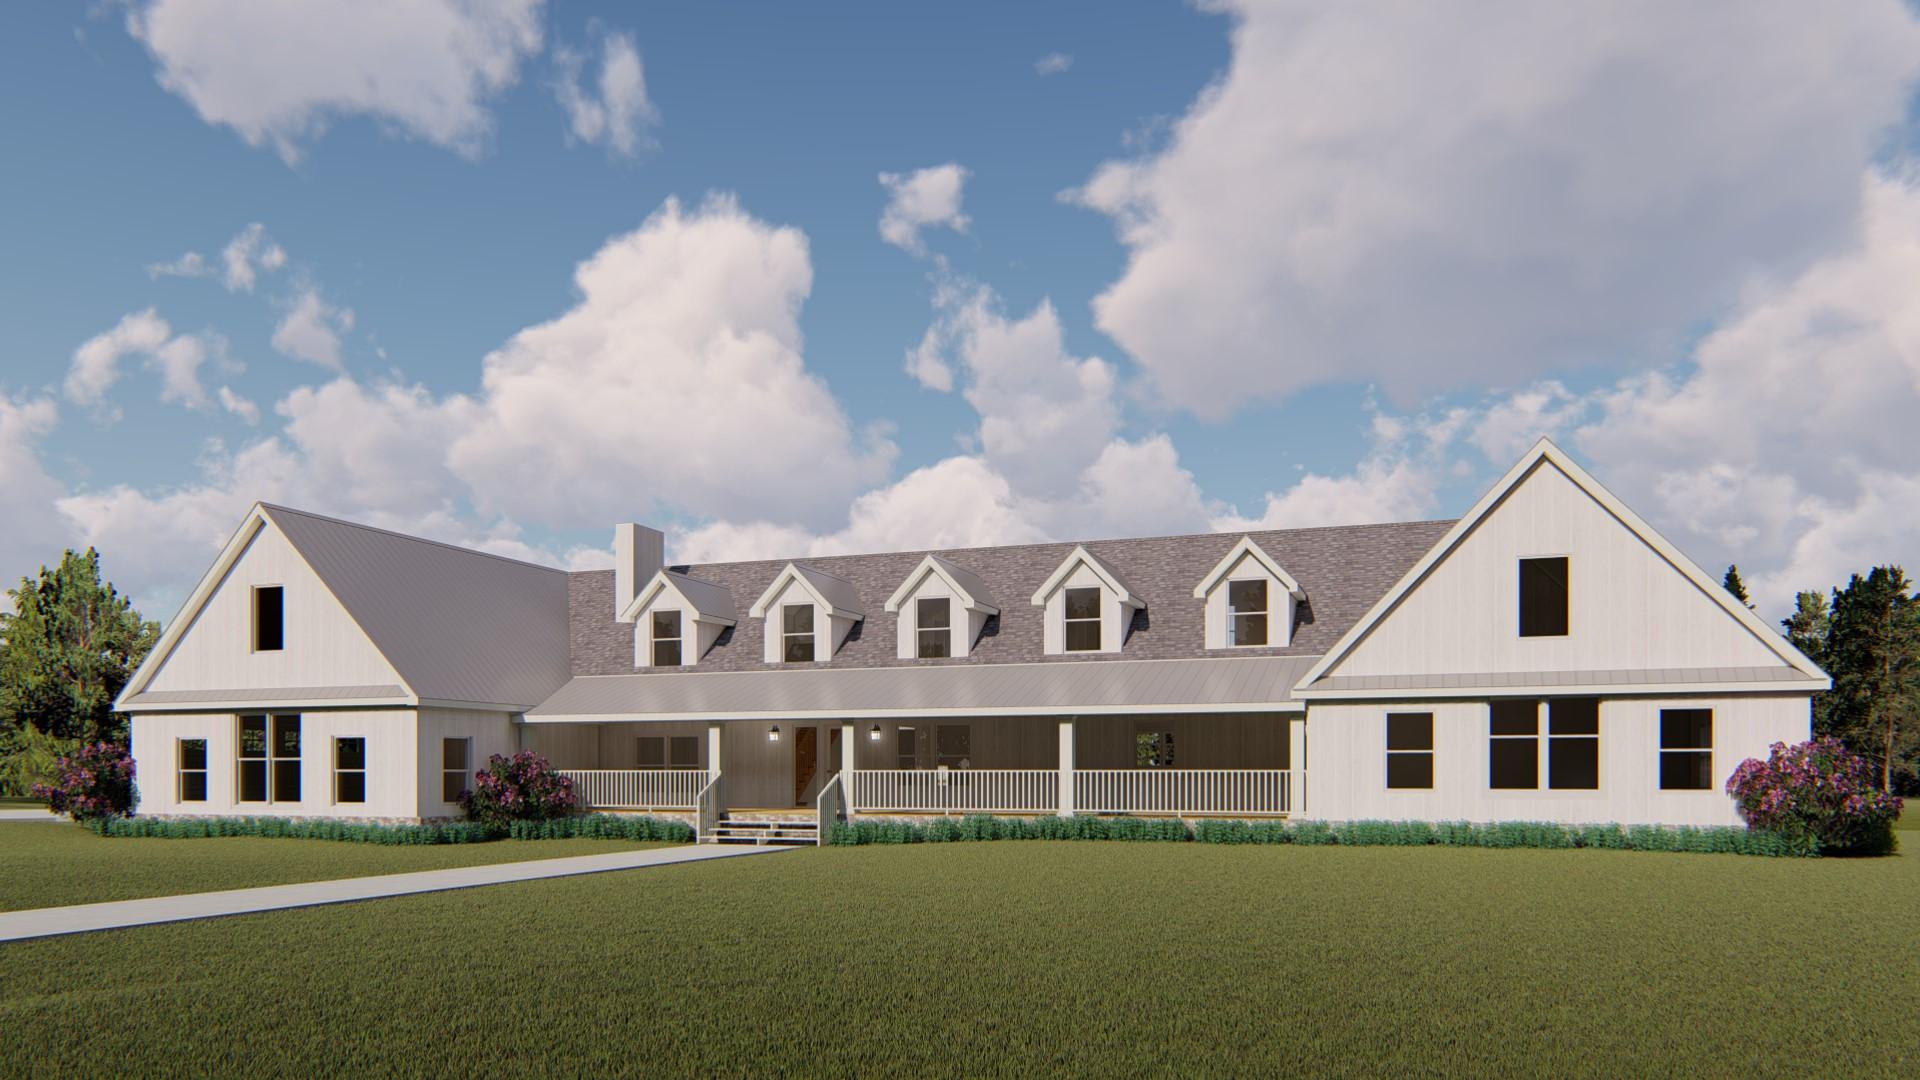 Custom Home Design - Colorado Farm House Style